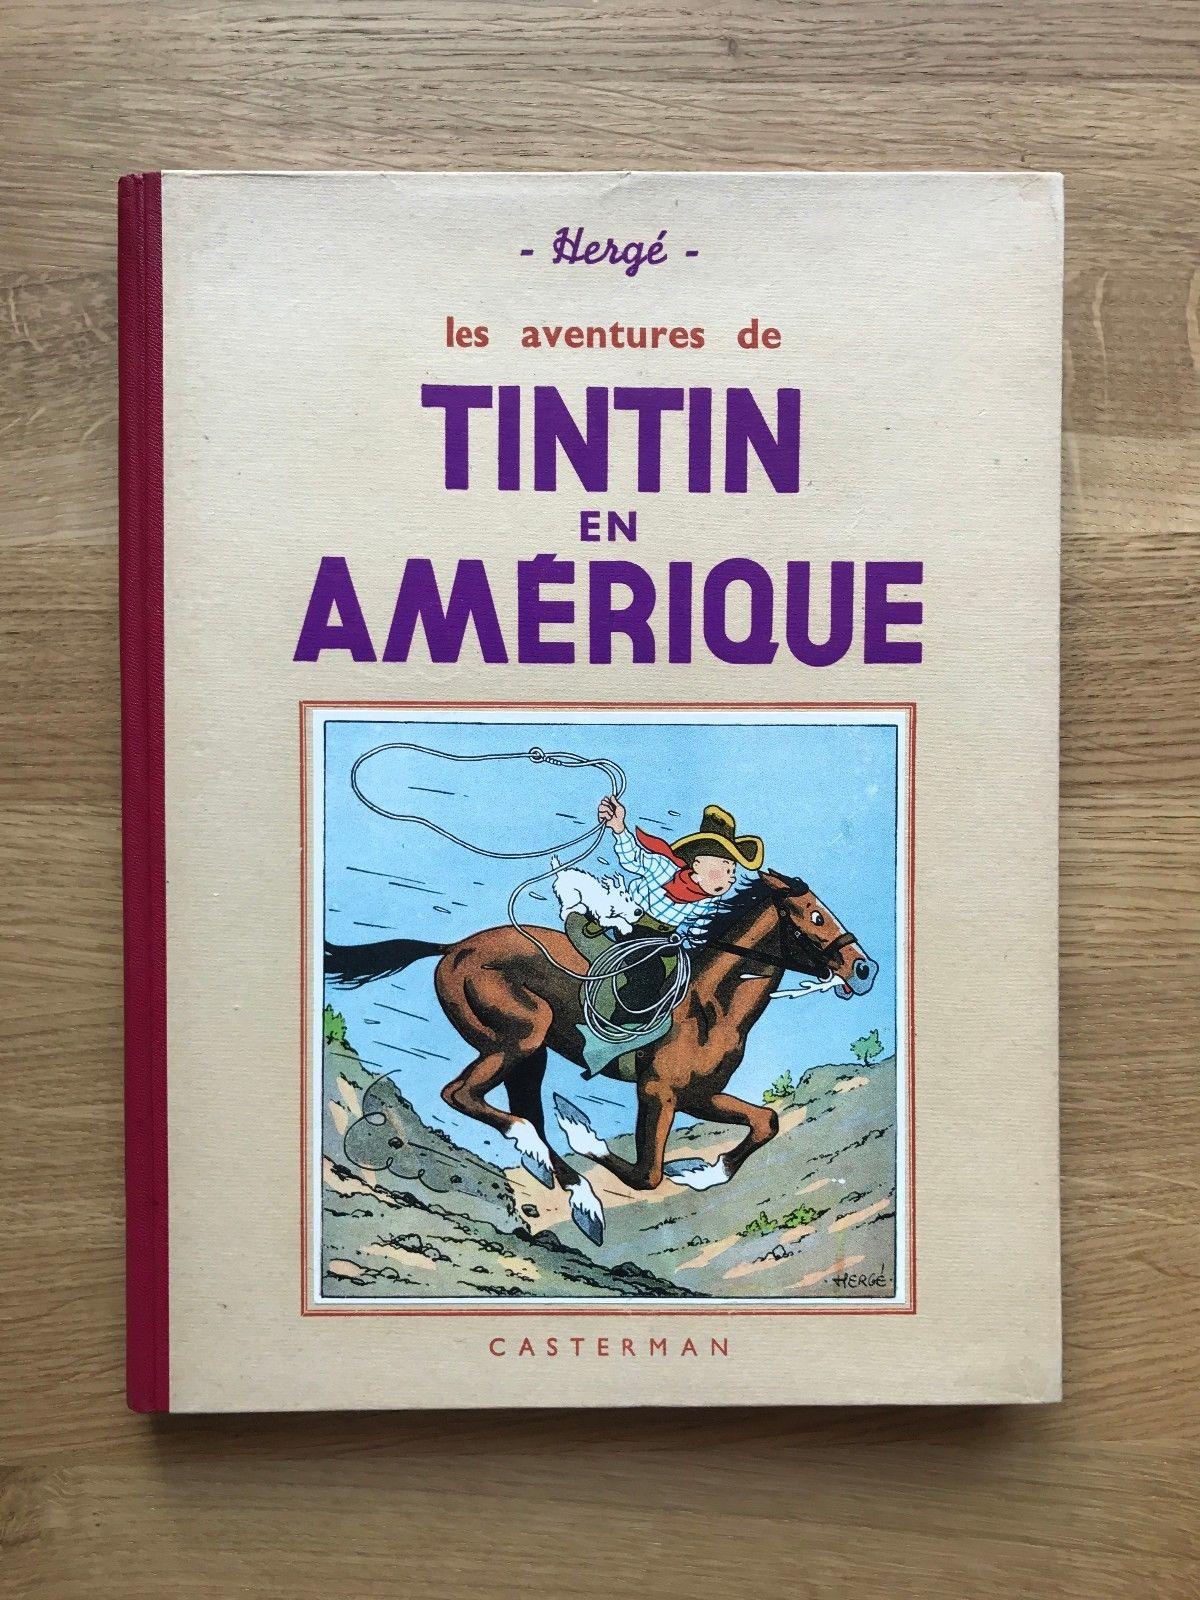 Hergé Tintin en Amérique A14bis ED N&B 1941 Etat Tout Proche du NEUF.